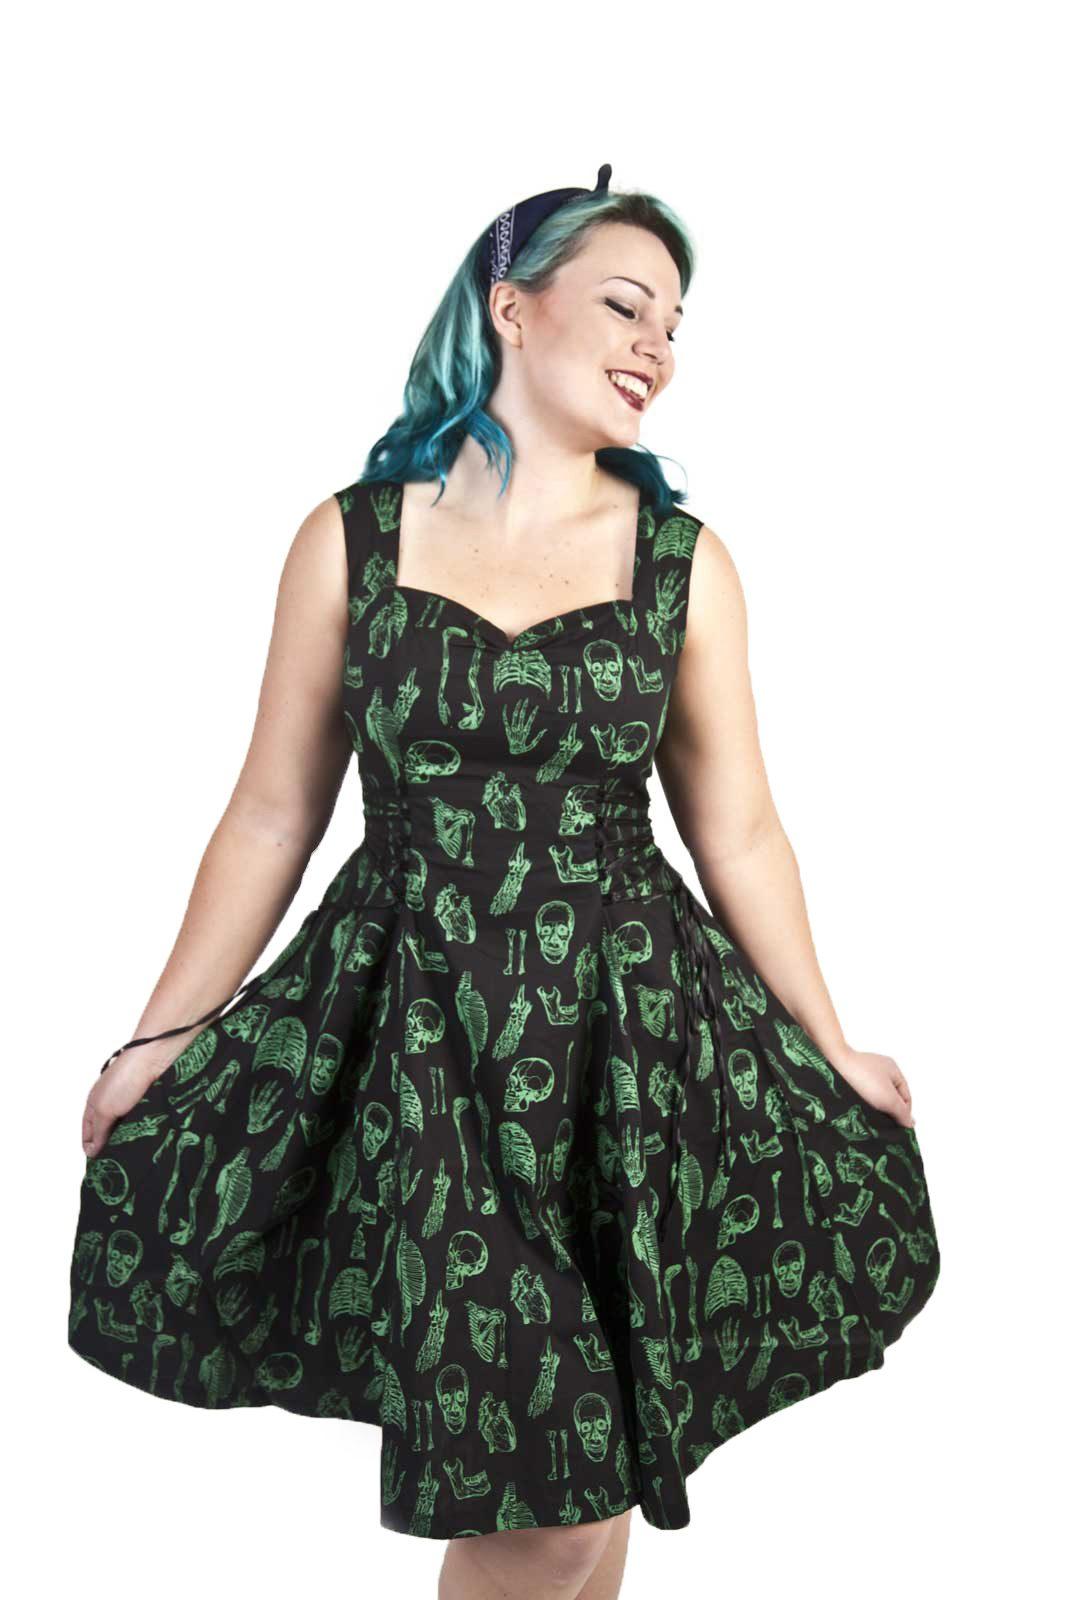 Anatomy Lace Dress